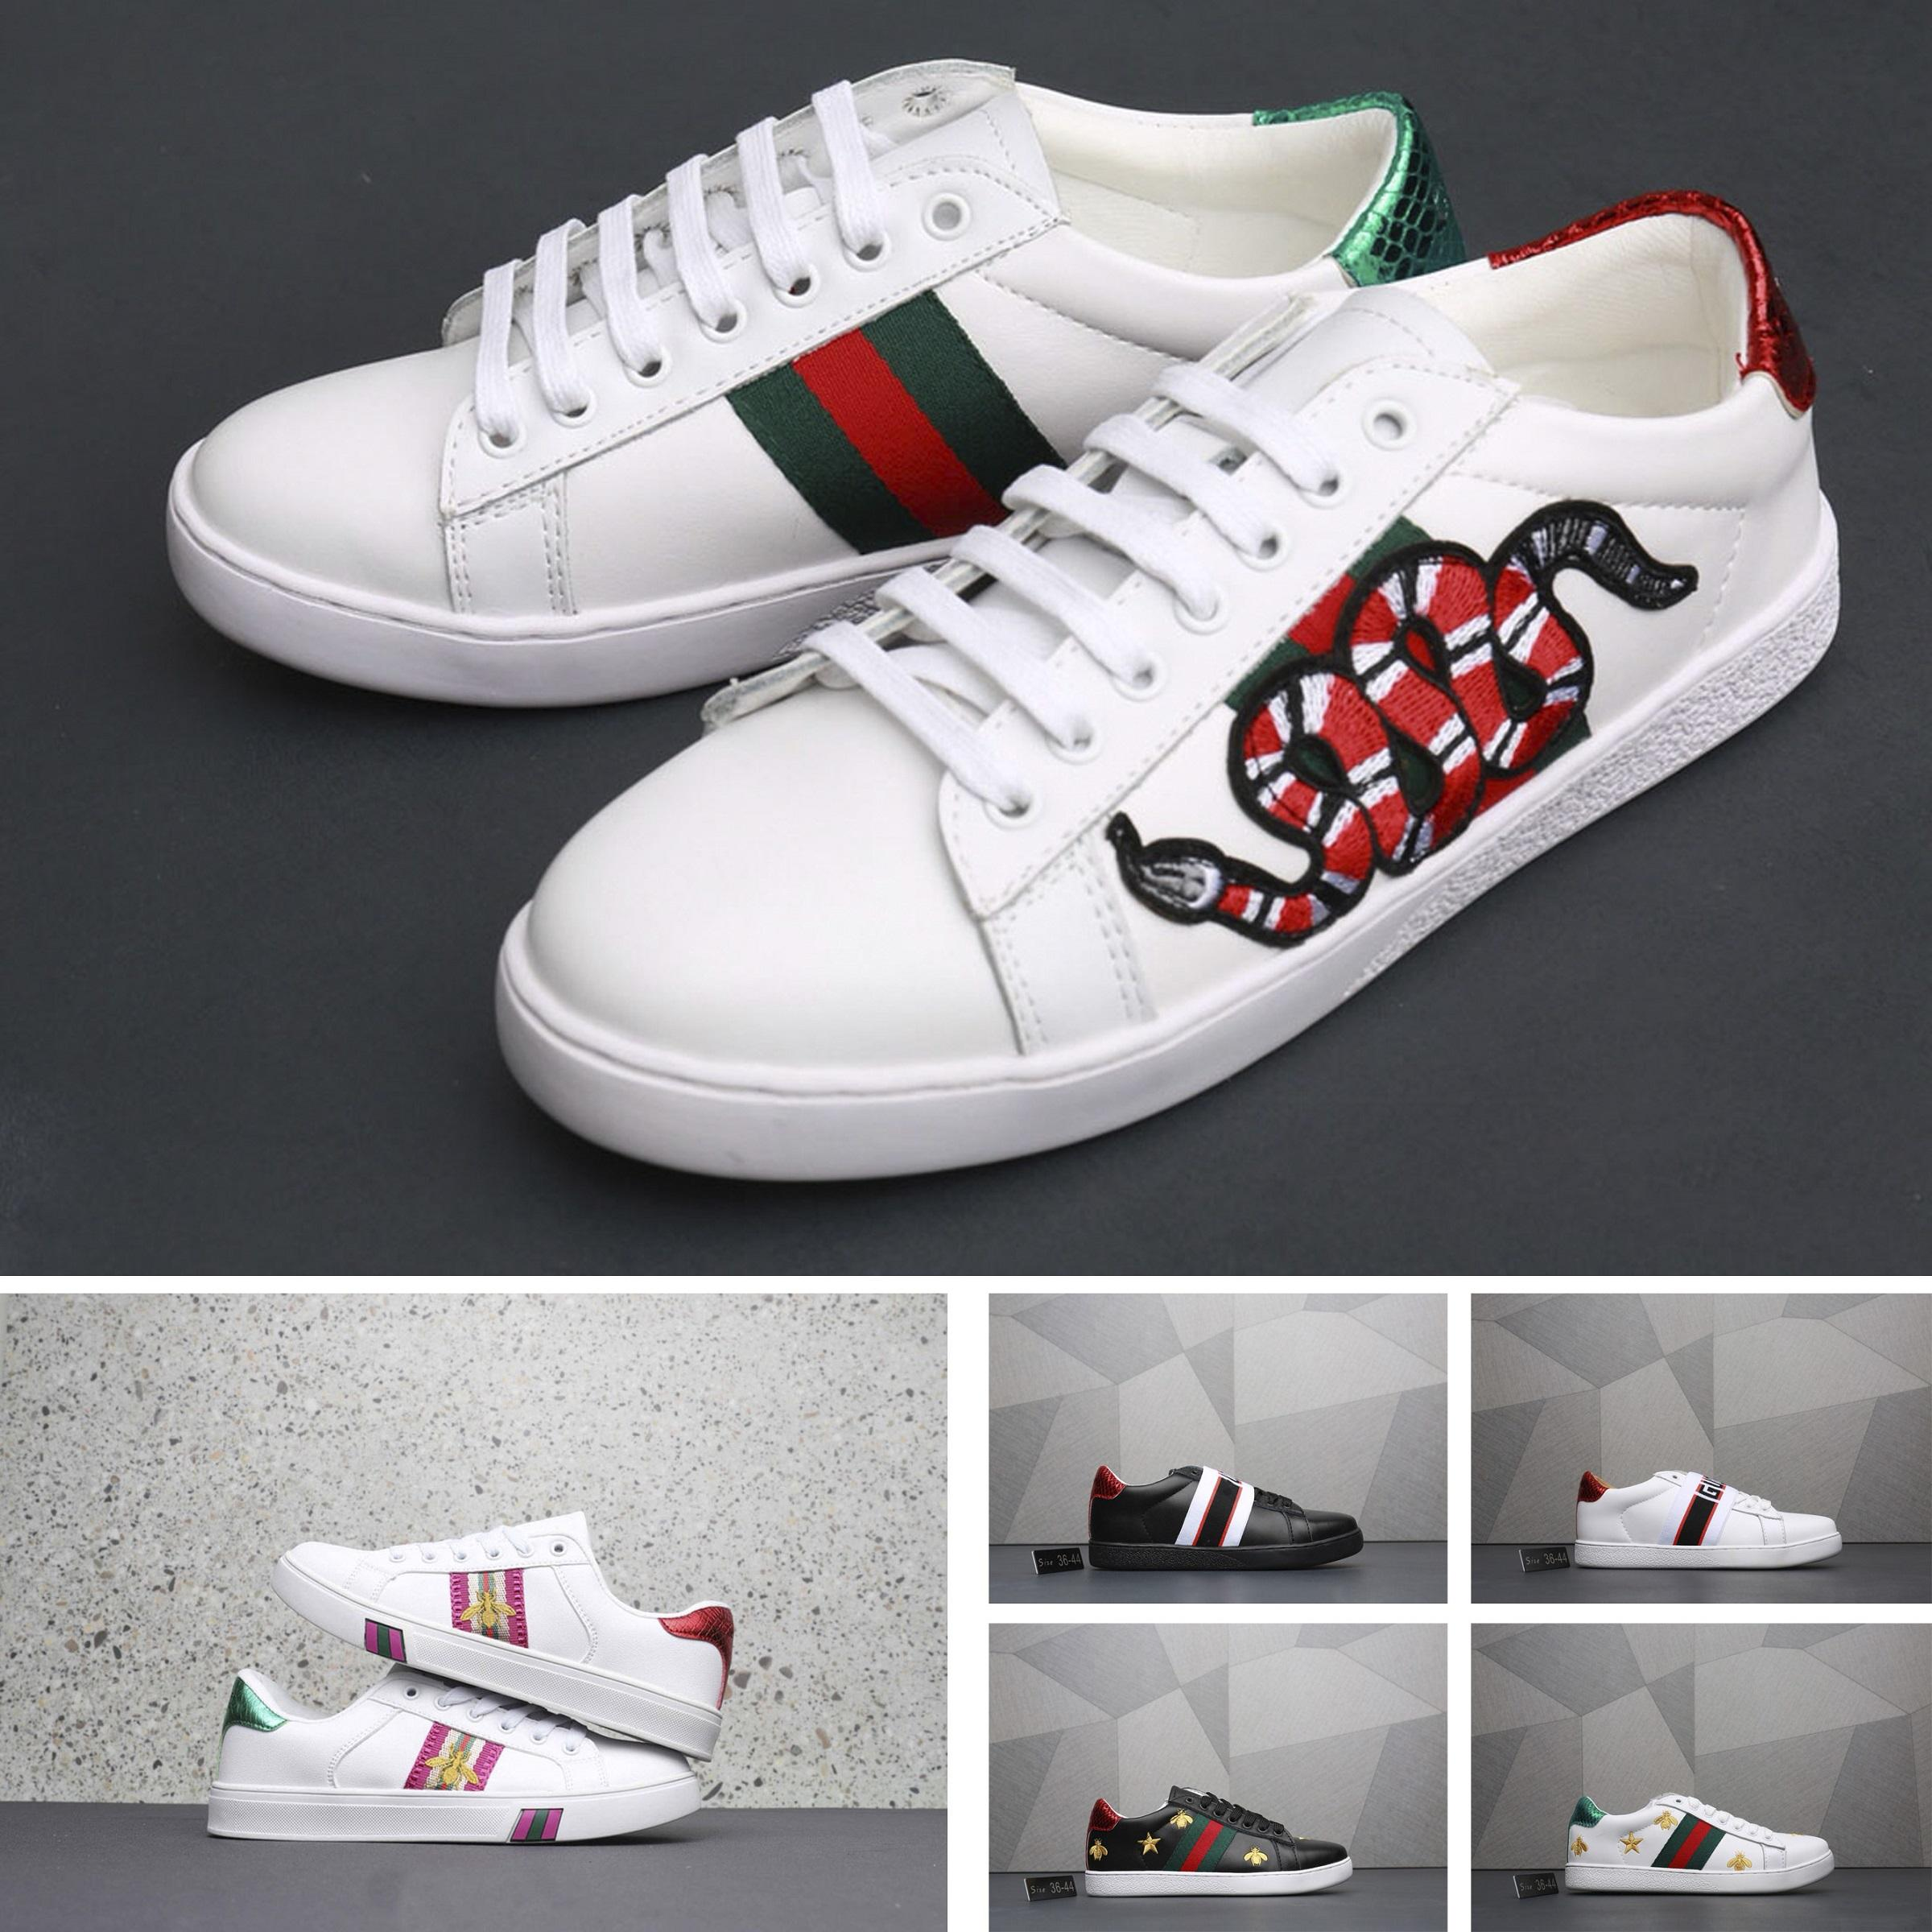 f6bcc3af4 Compre Gucci Men Shoes Zapatillas Deportivas Más Vendidas, Zapatillas  Bordadas Letras Bordadas, Cosmos, Zapatillas De Tenis, Cabeza De Lobo, ...